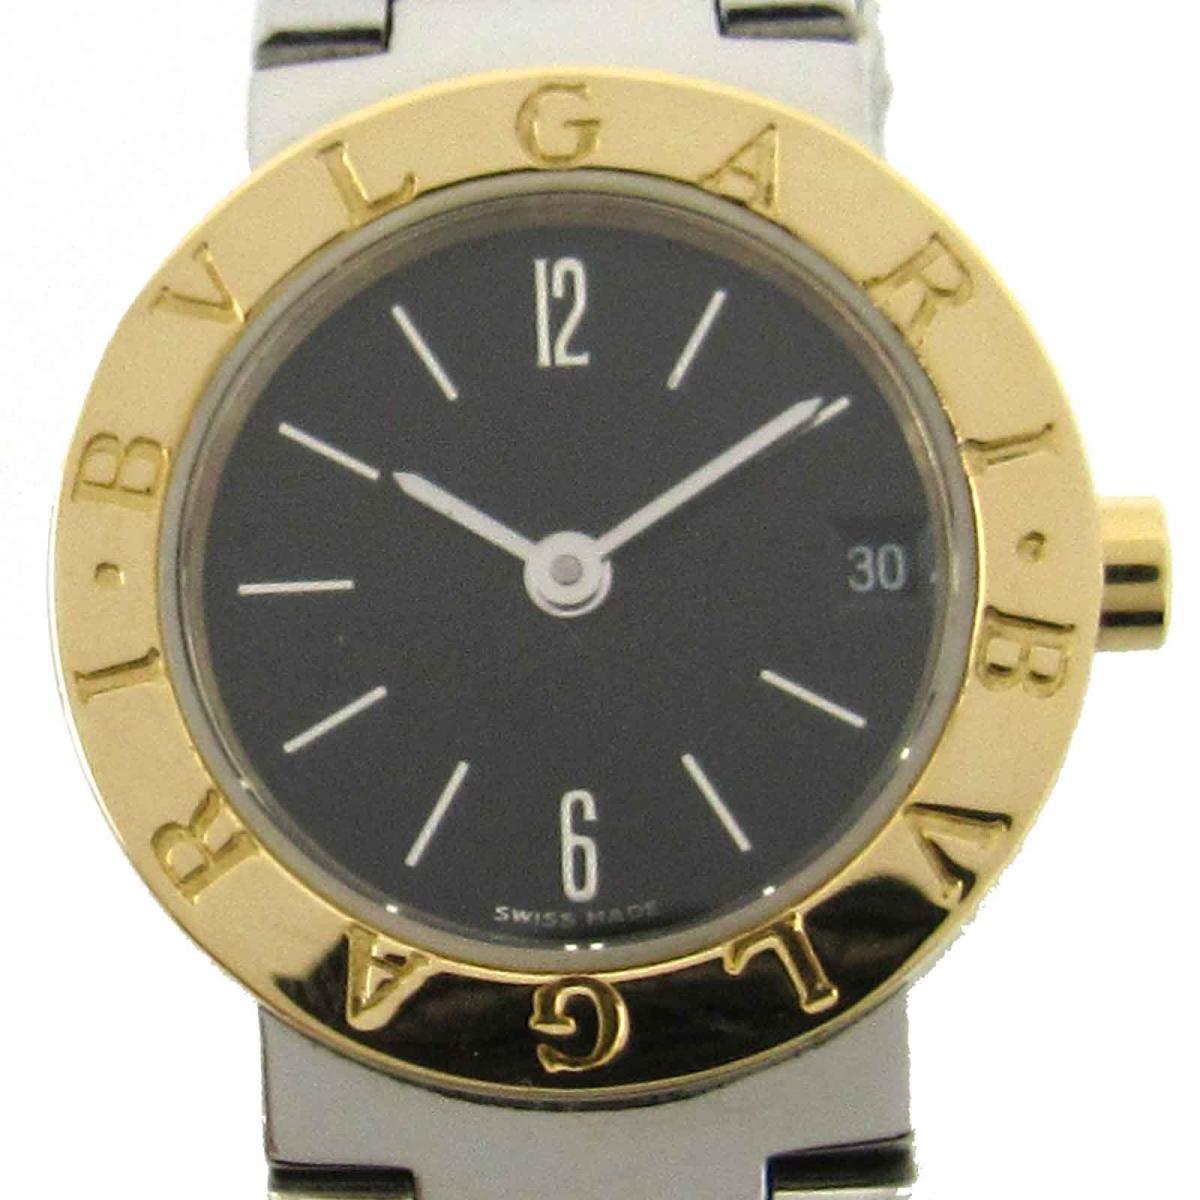 【中古】ブルガリ ブルガリ ブルガリ ウォッチ 時計 時計 レディース K18YG(750)イエローゴールドxステンレススチール(SS) (BB23SGD)